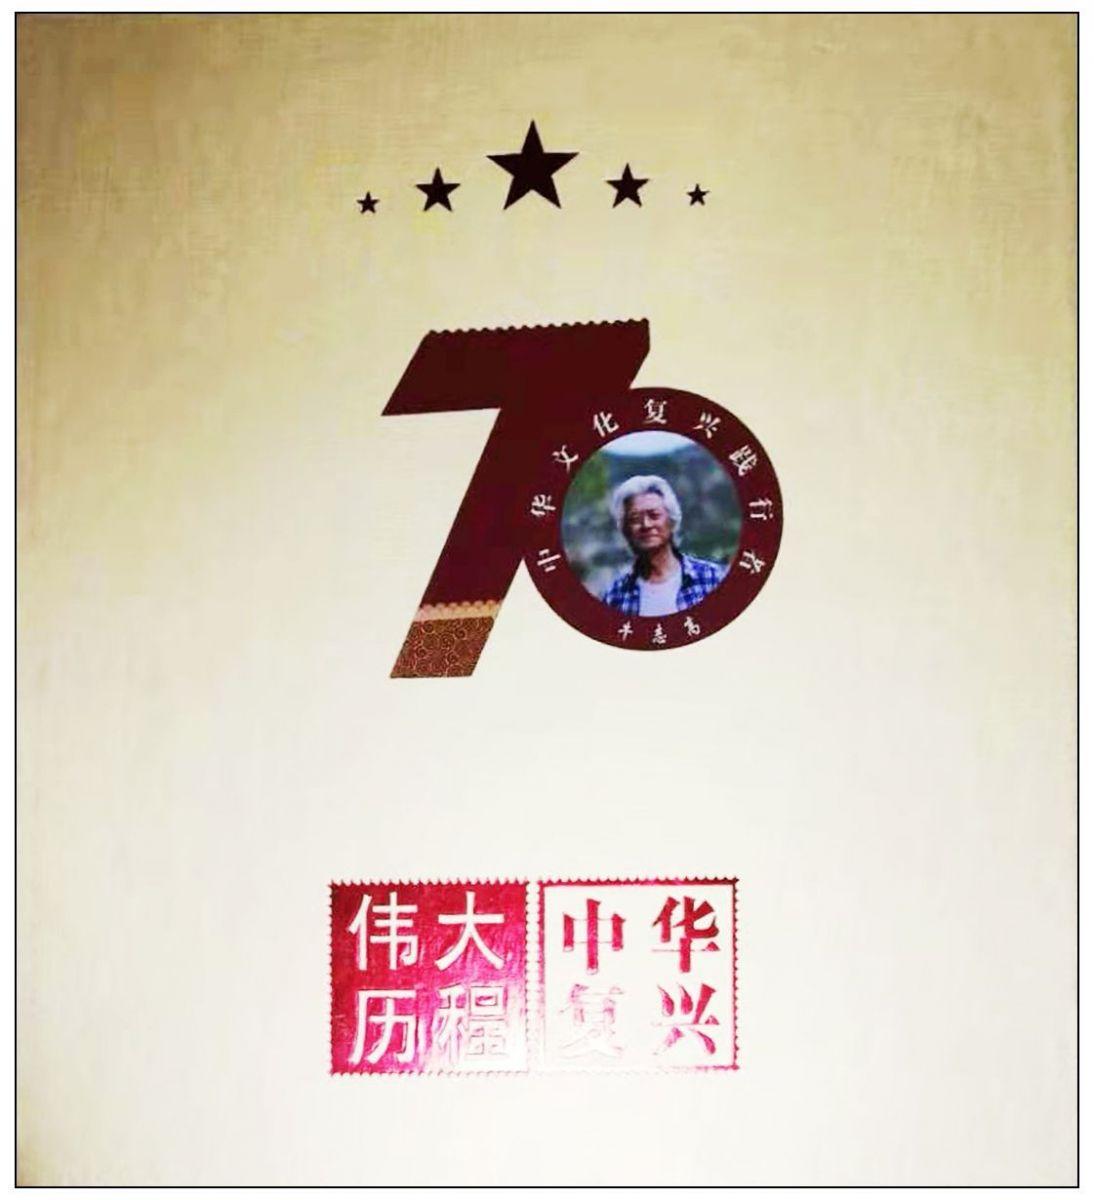 牛志高   2019_图1-1